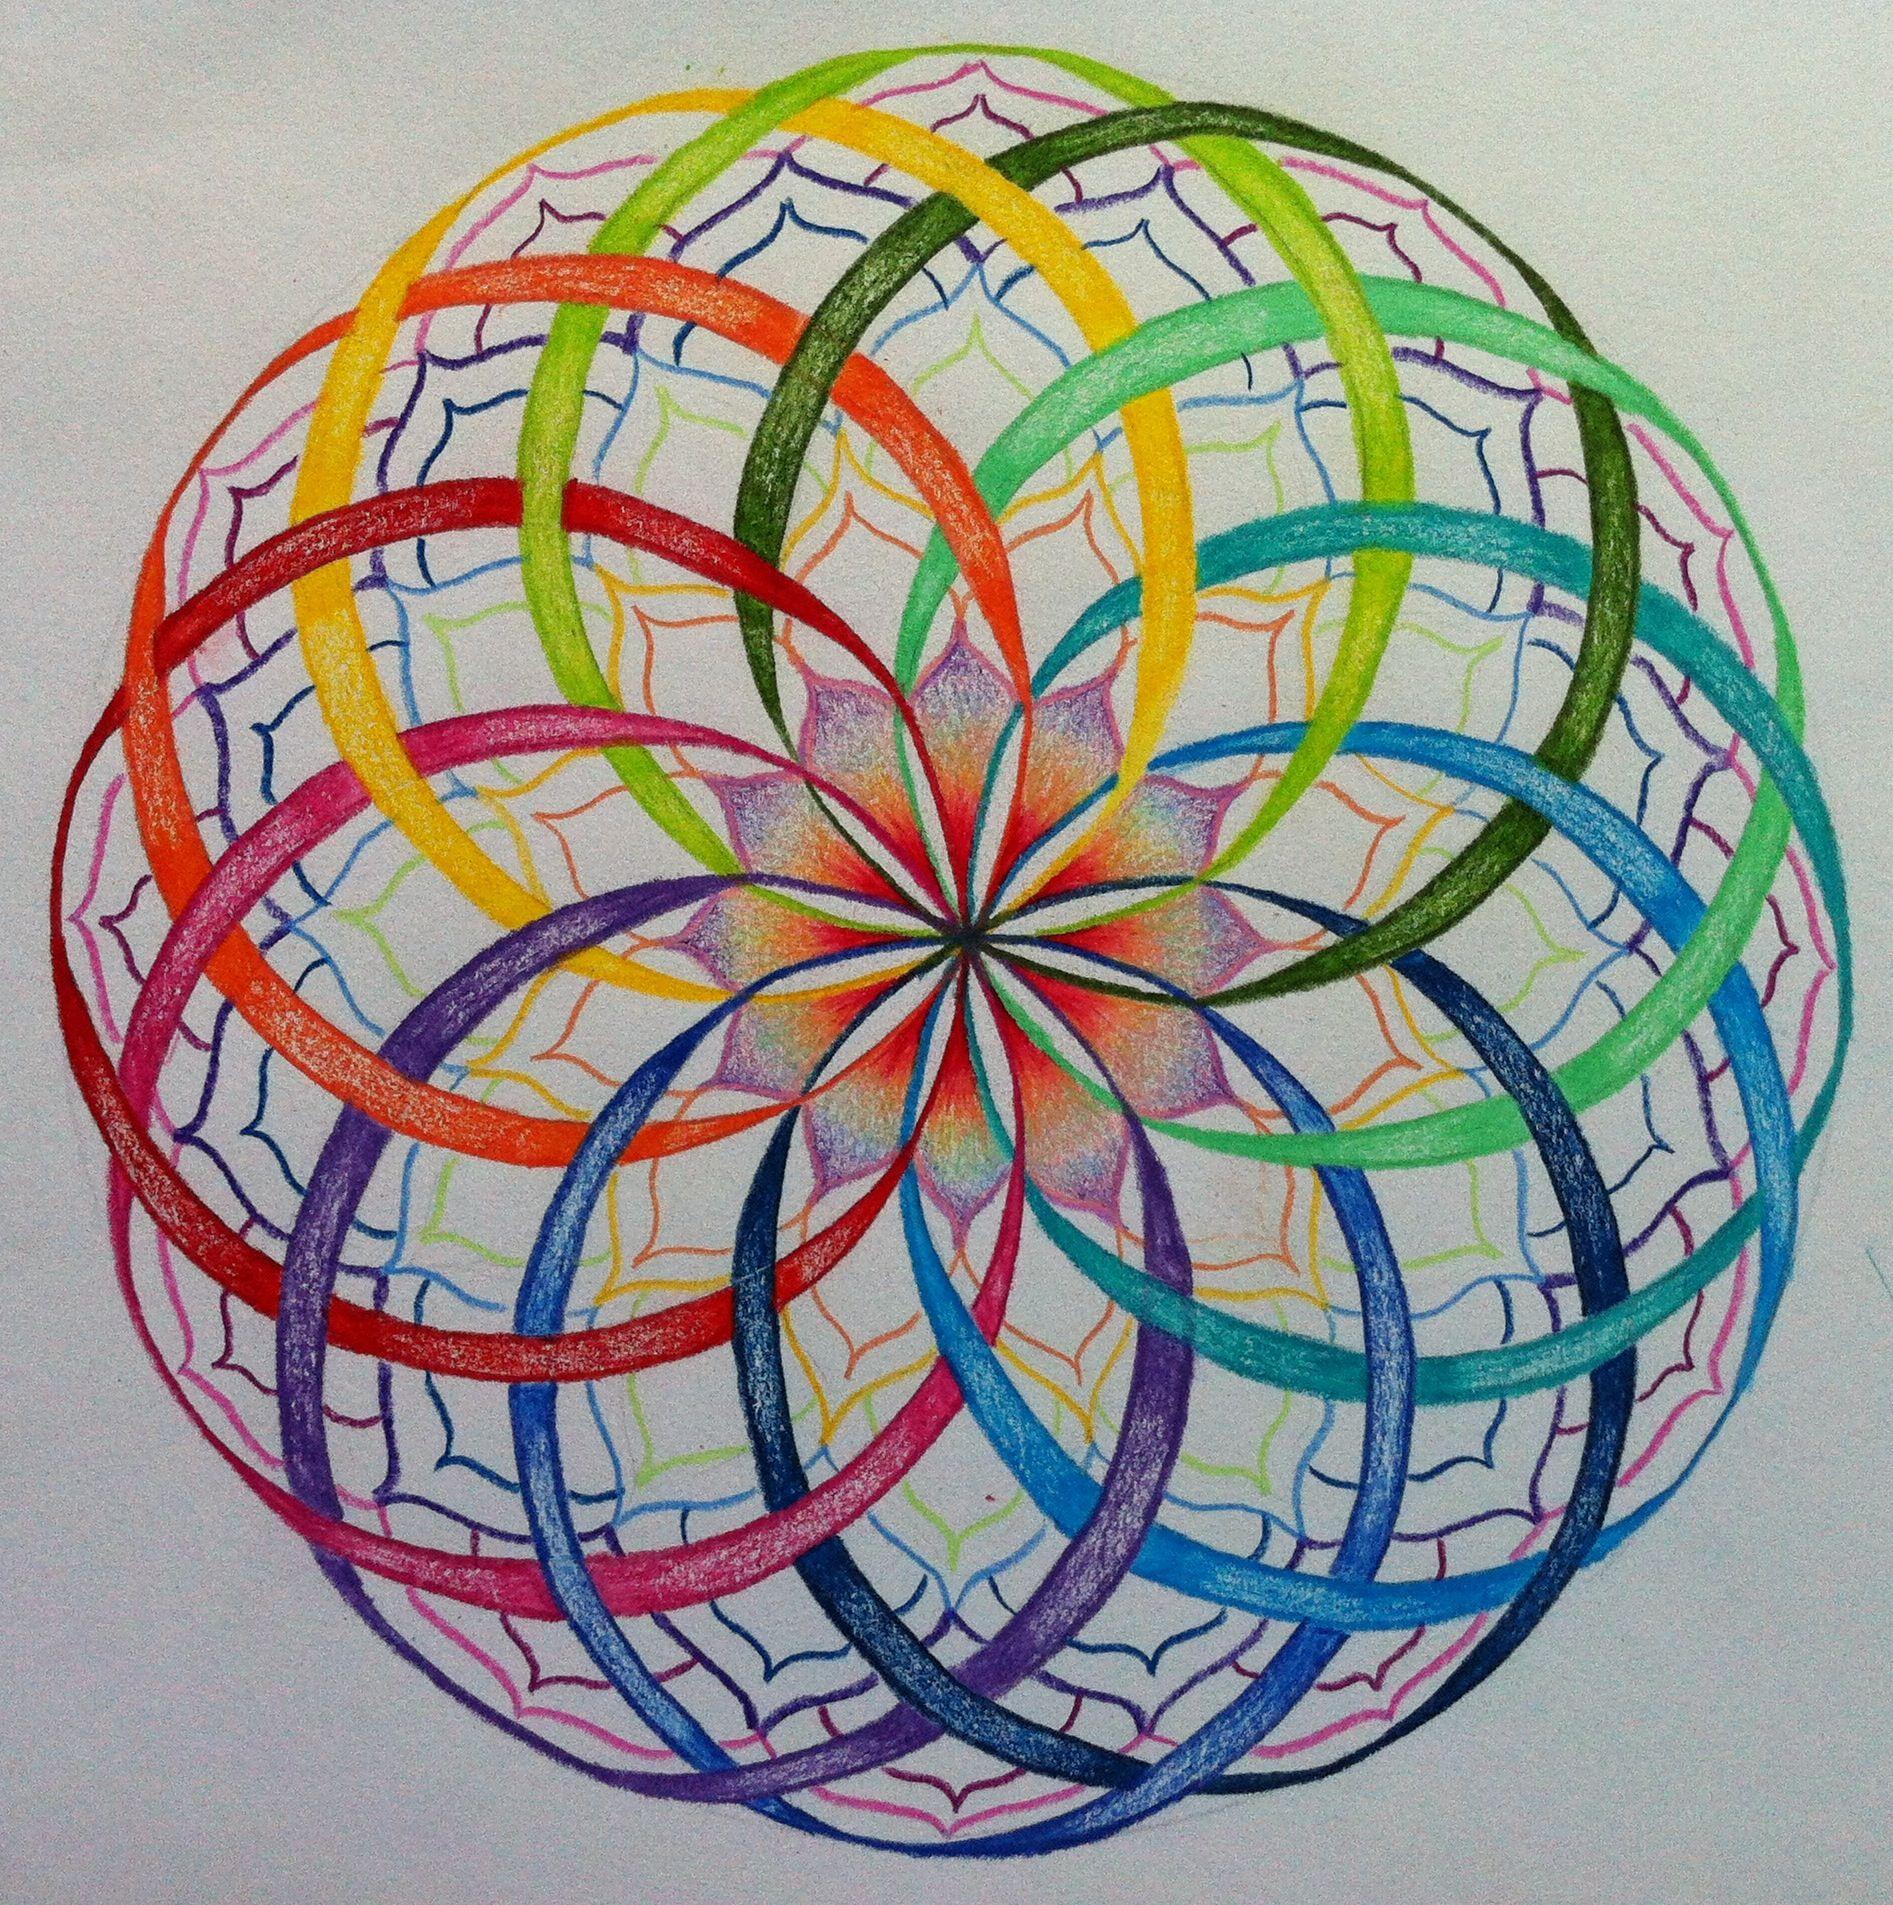 De Leerlingen Kunnen Dit Volgens Het Objectief Waarnemen Natekenen Groep 5 Mandala Tekenen Mandala Kleurplaten Geometrische Tekening